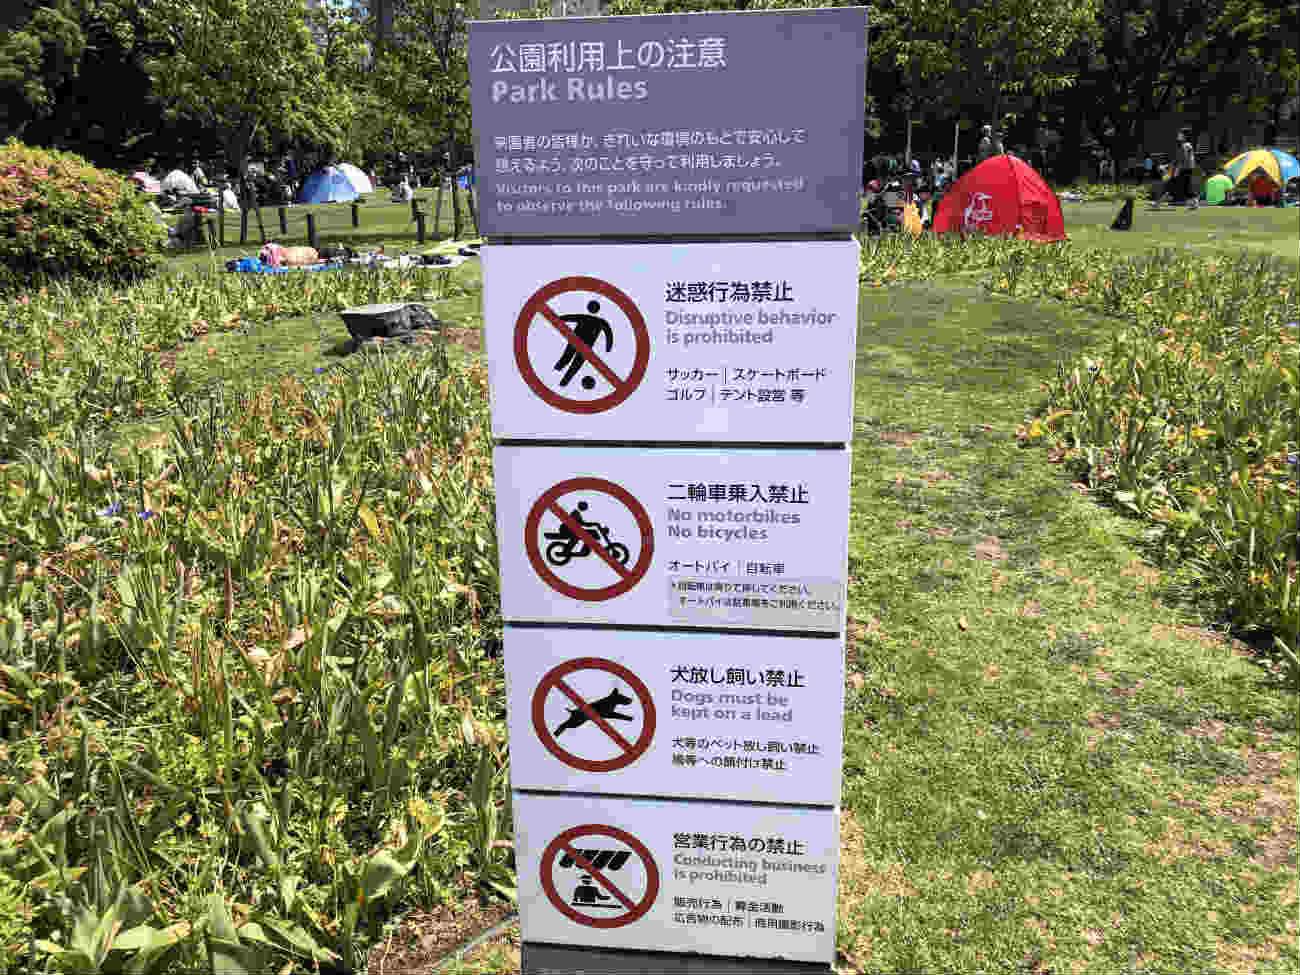 山下公園使用上の注意書き